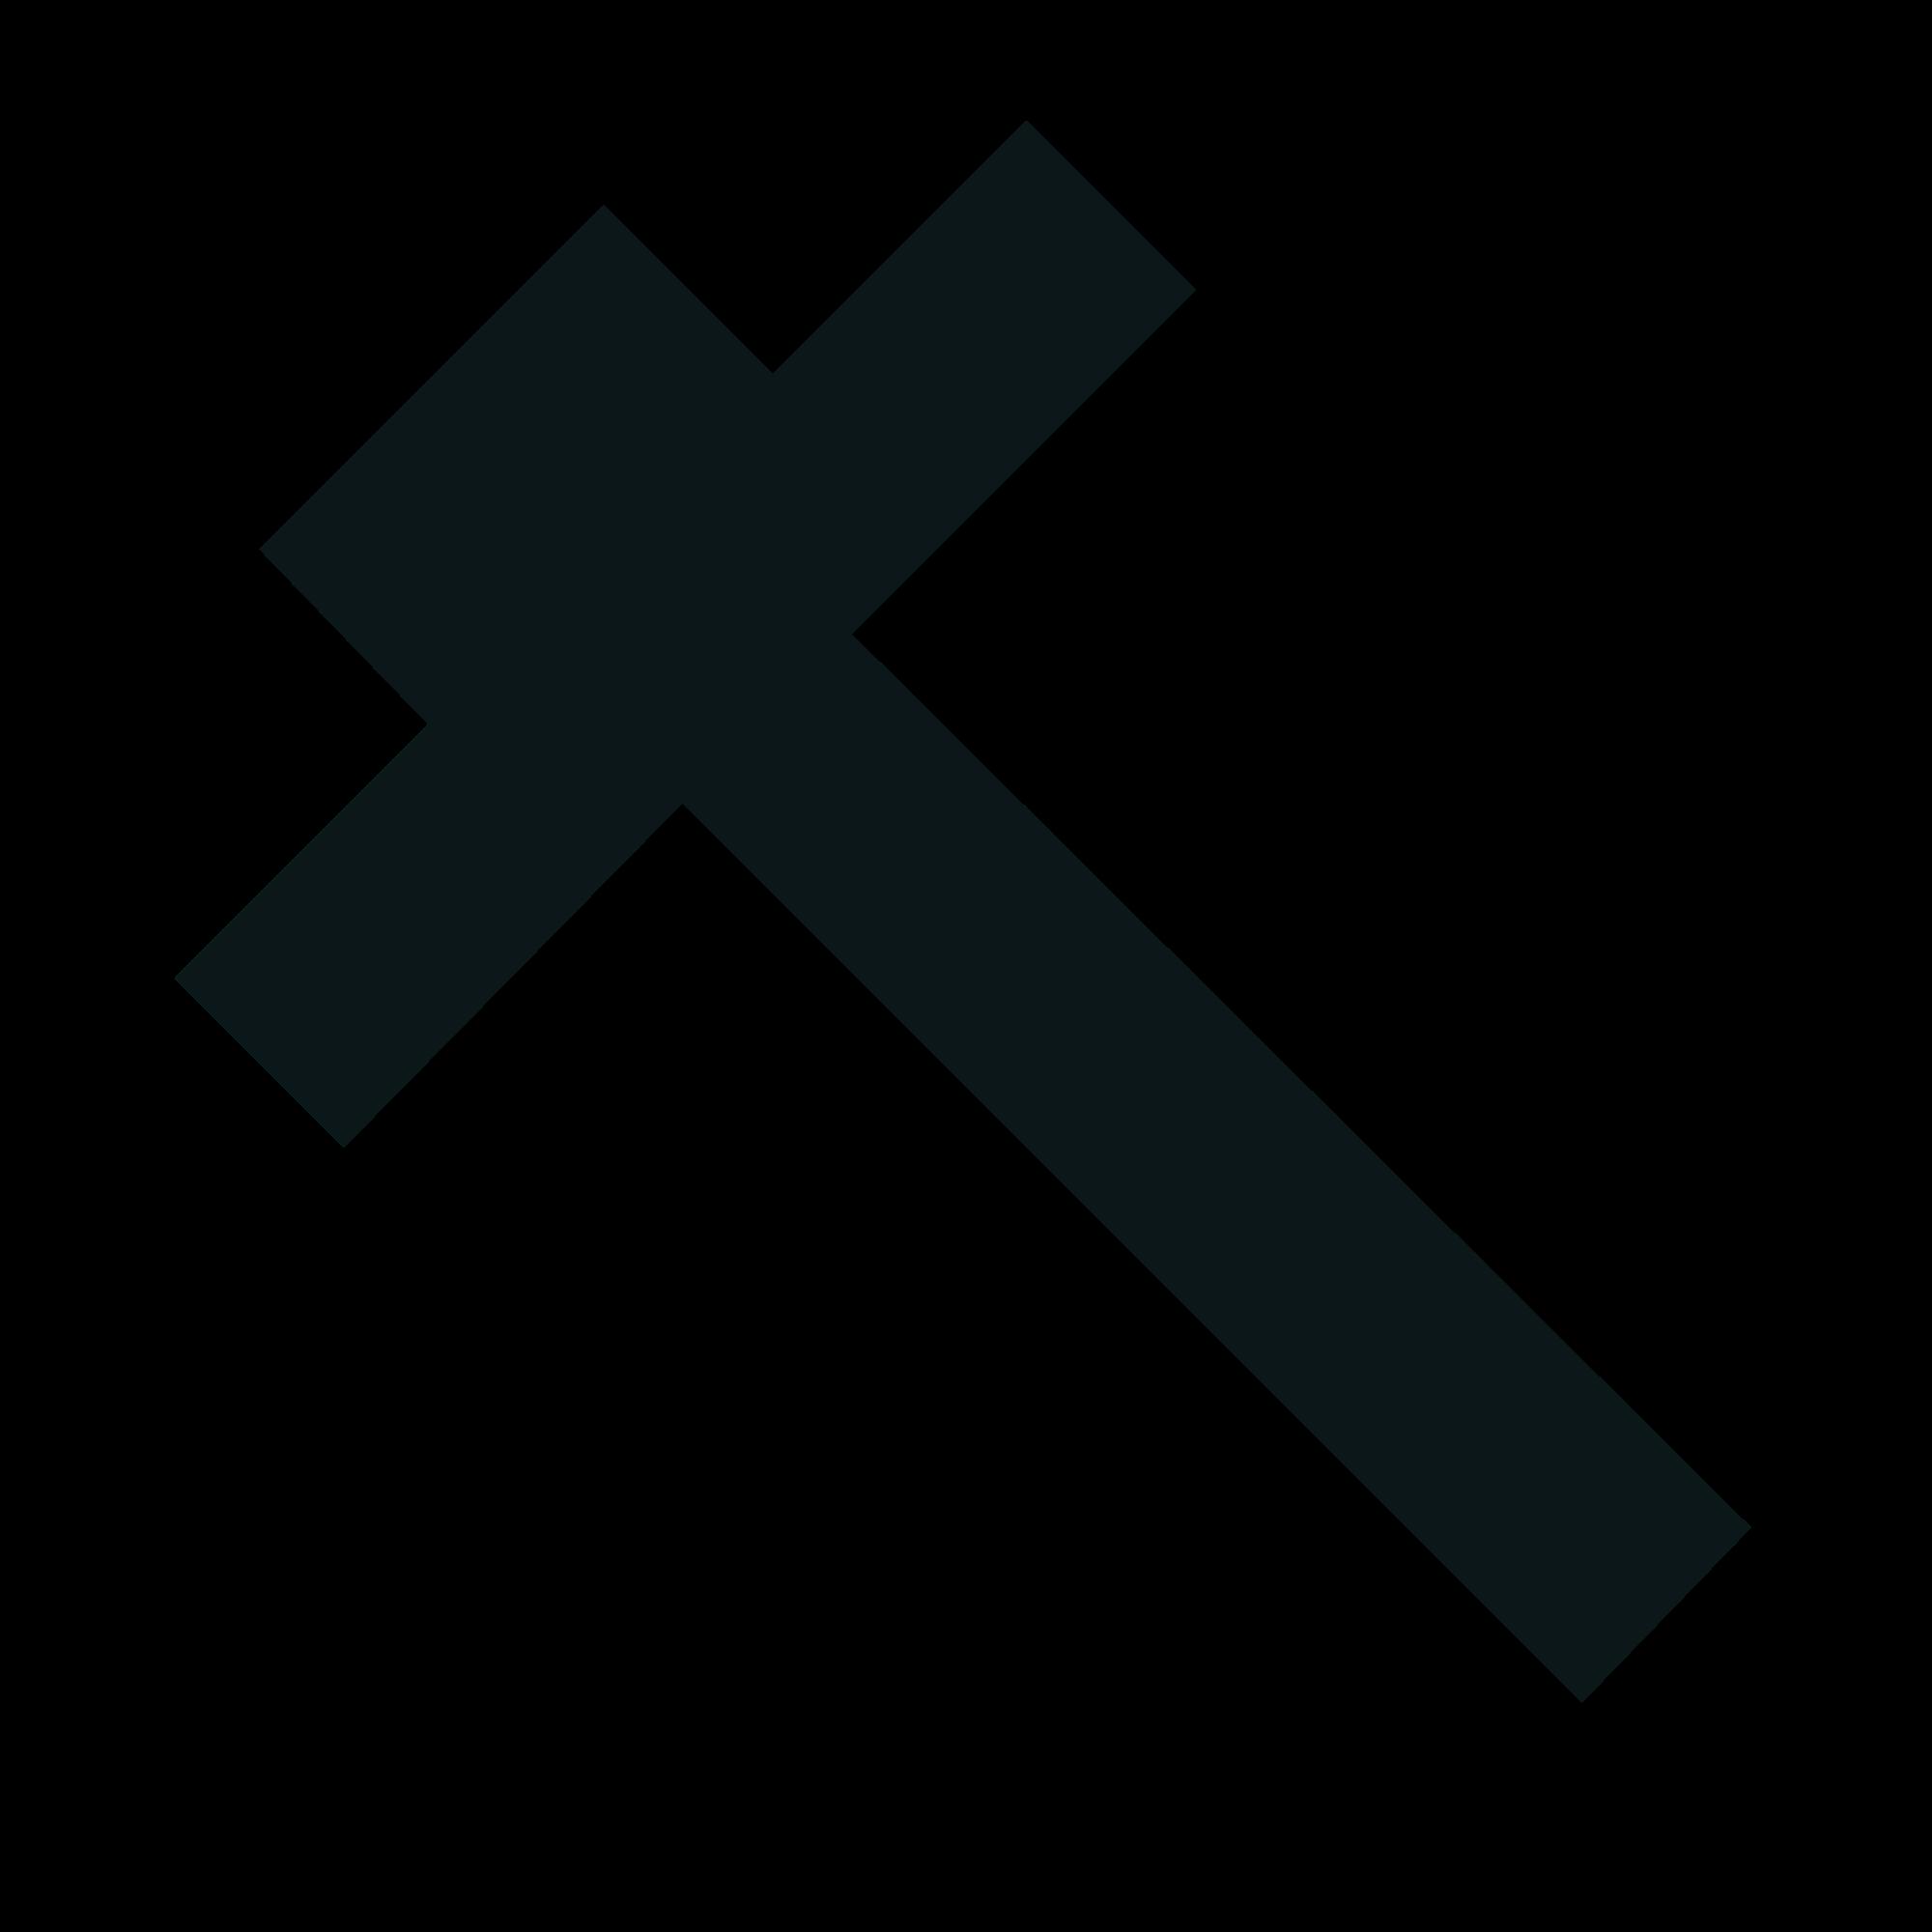 transparent download File toicon icon afiado. Hammer svg